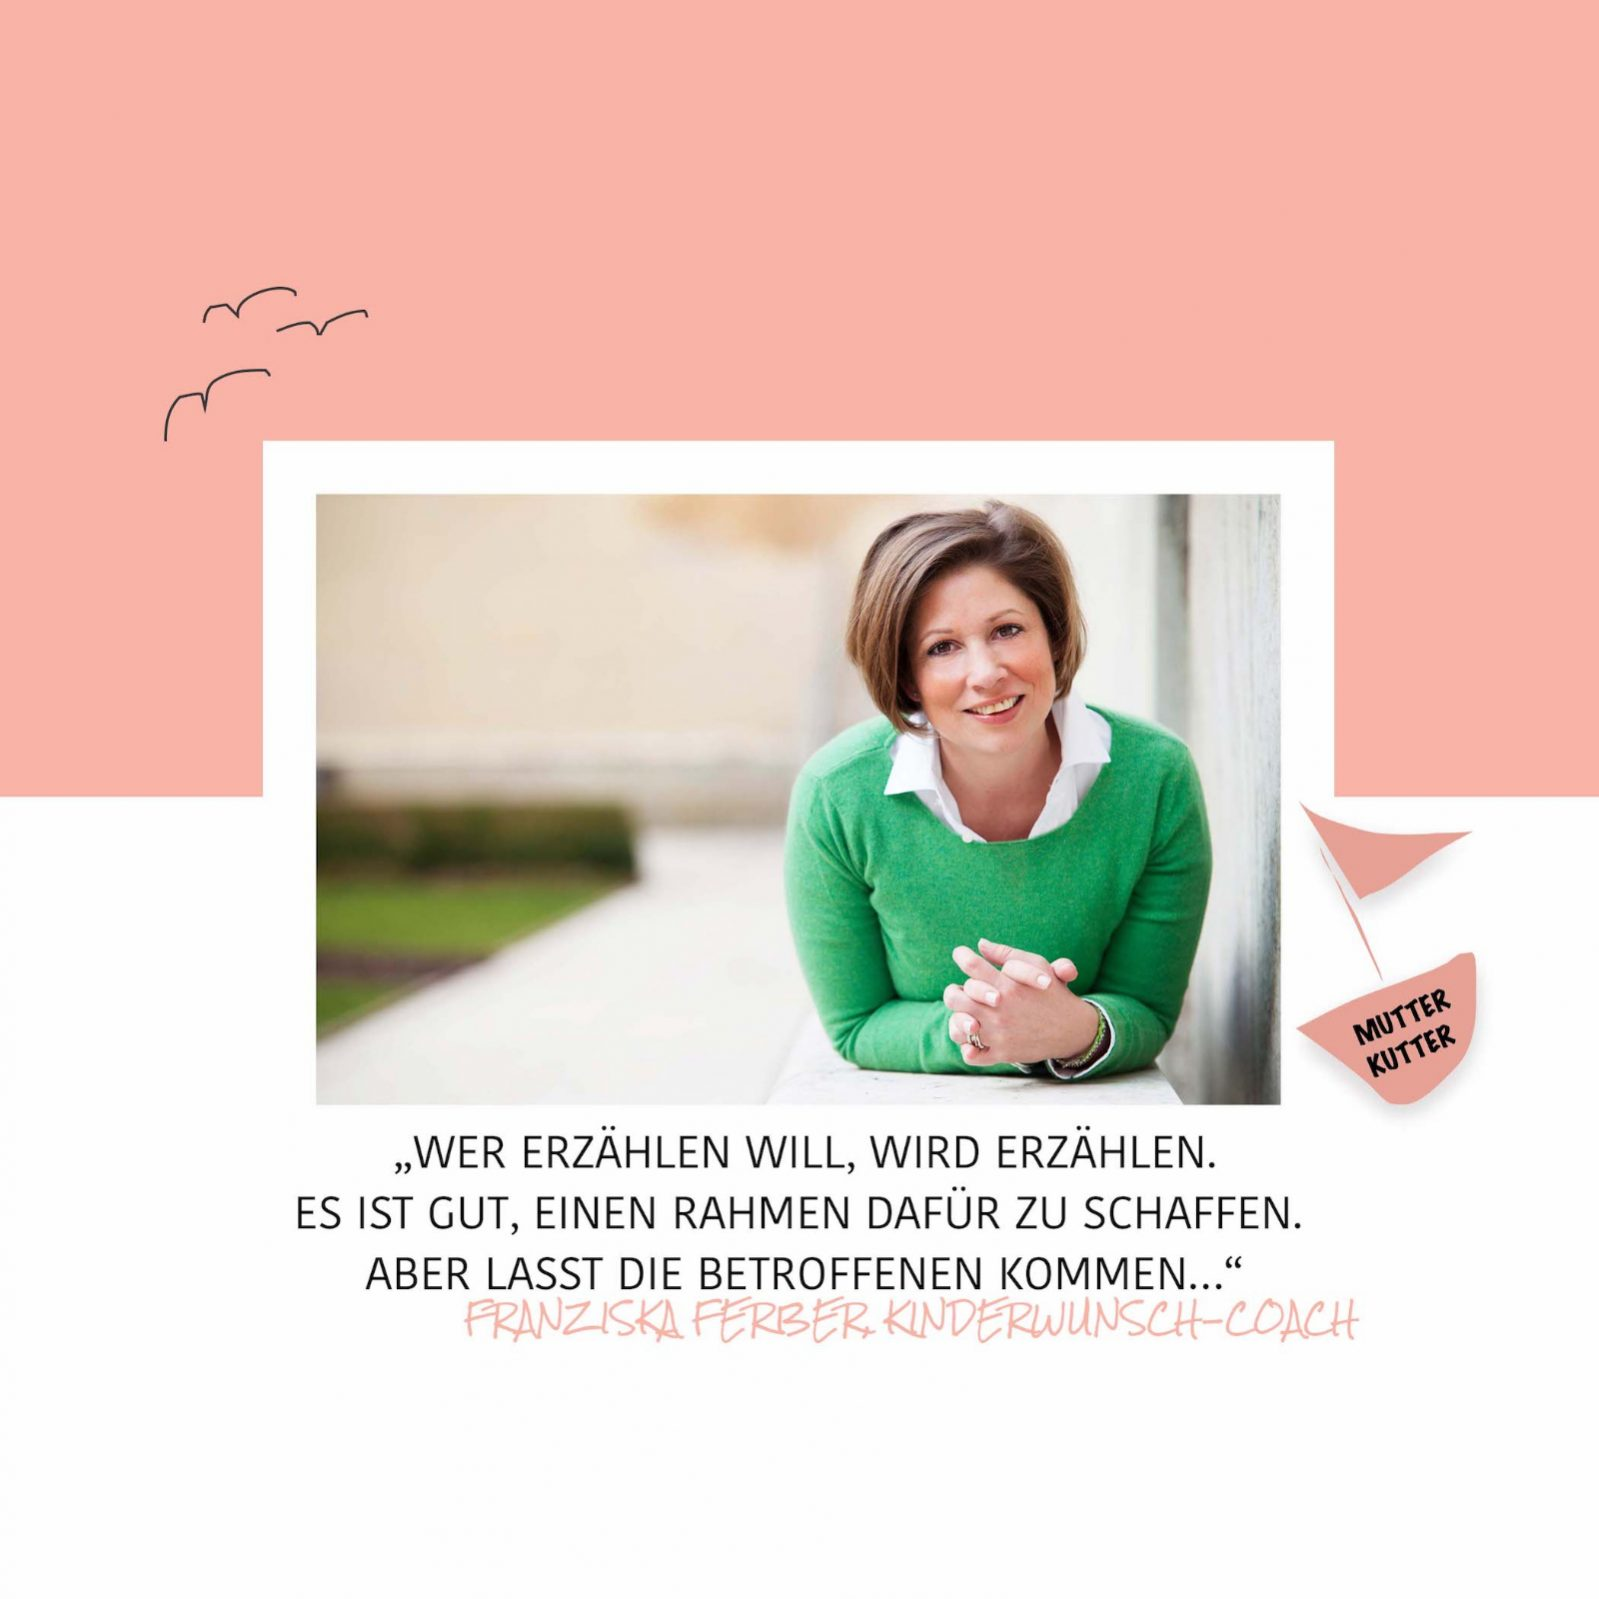 Kinderwunsch-Coach unerfüllter Kinderwunsch Frau Leben Glück Familie Ehe Franziska Ferber MutterKutter